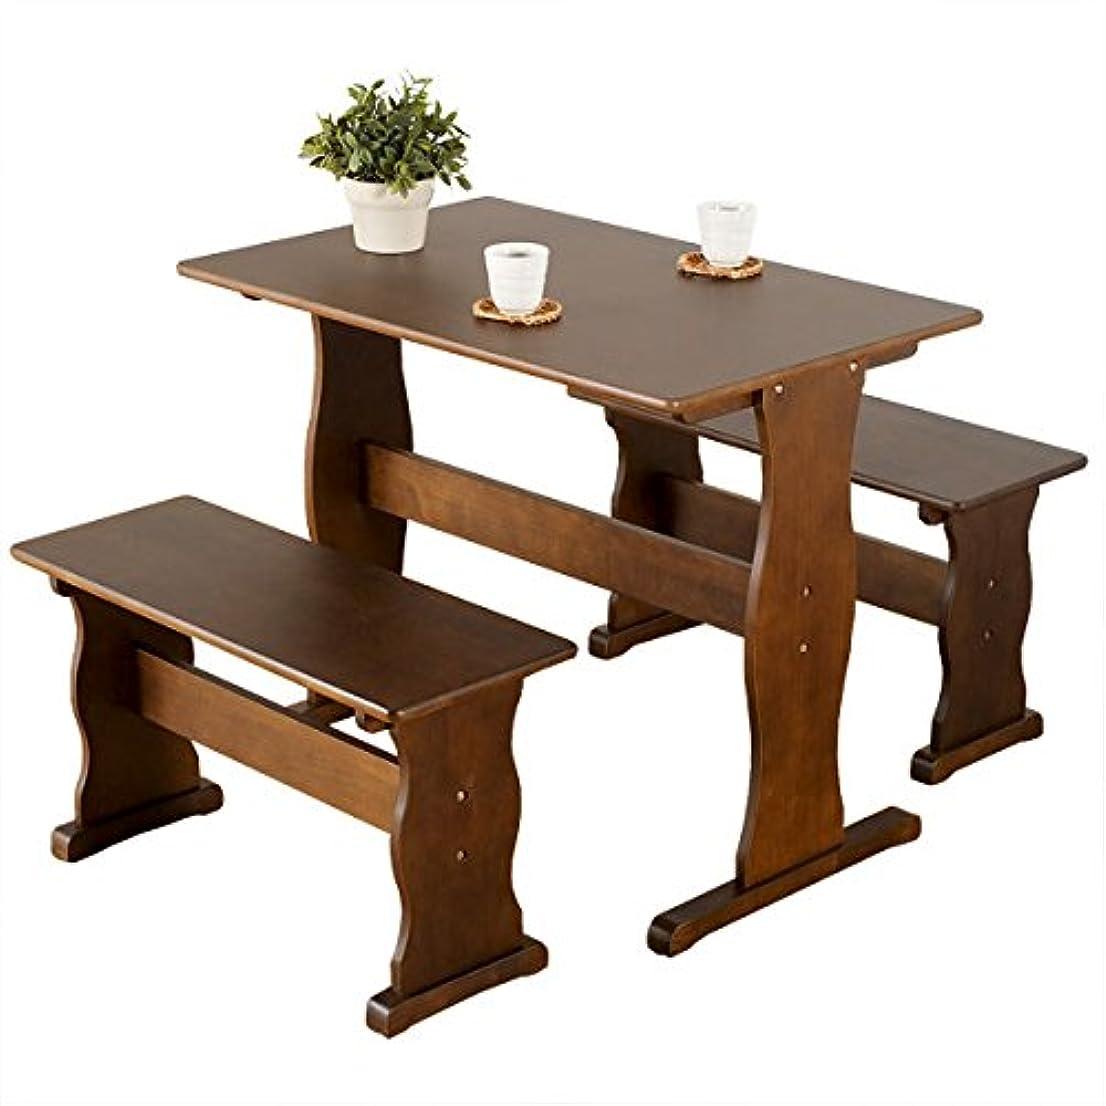 主張する読みやすい暗黙家具の赤や 天然木パイン材 ダイニング3点セット 簡単組み立て シンプルデザイン (ブラウン)